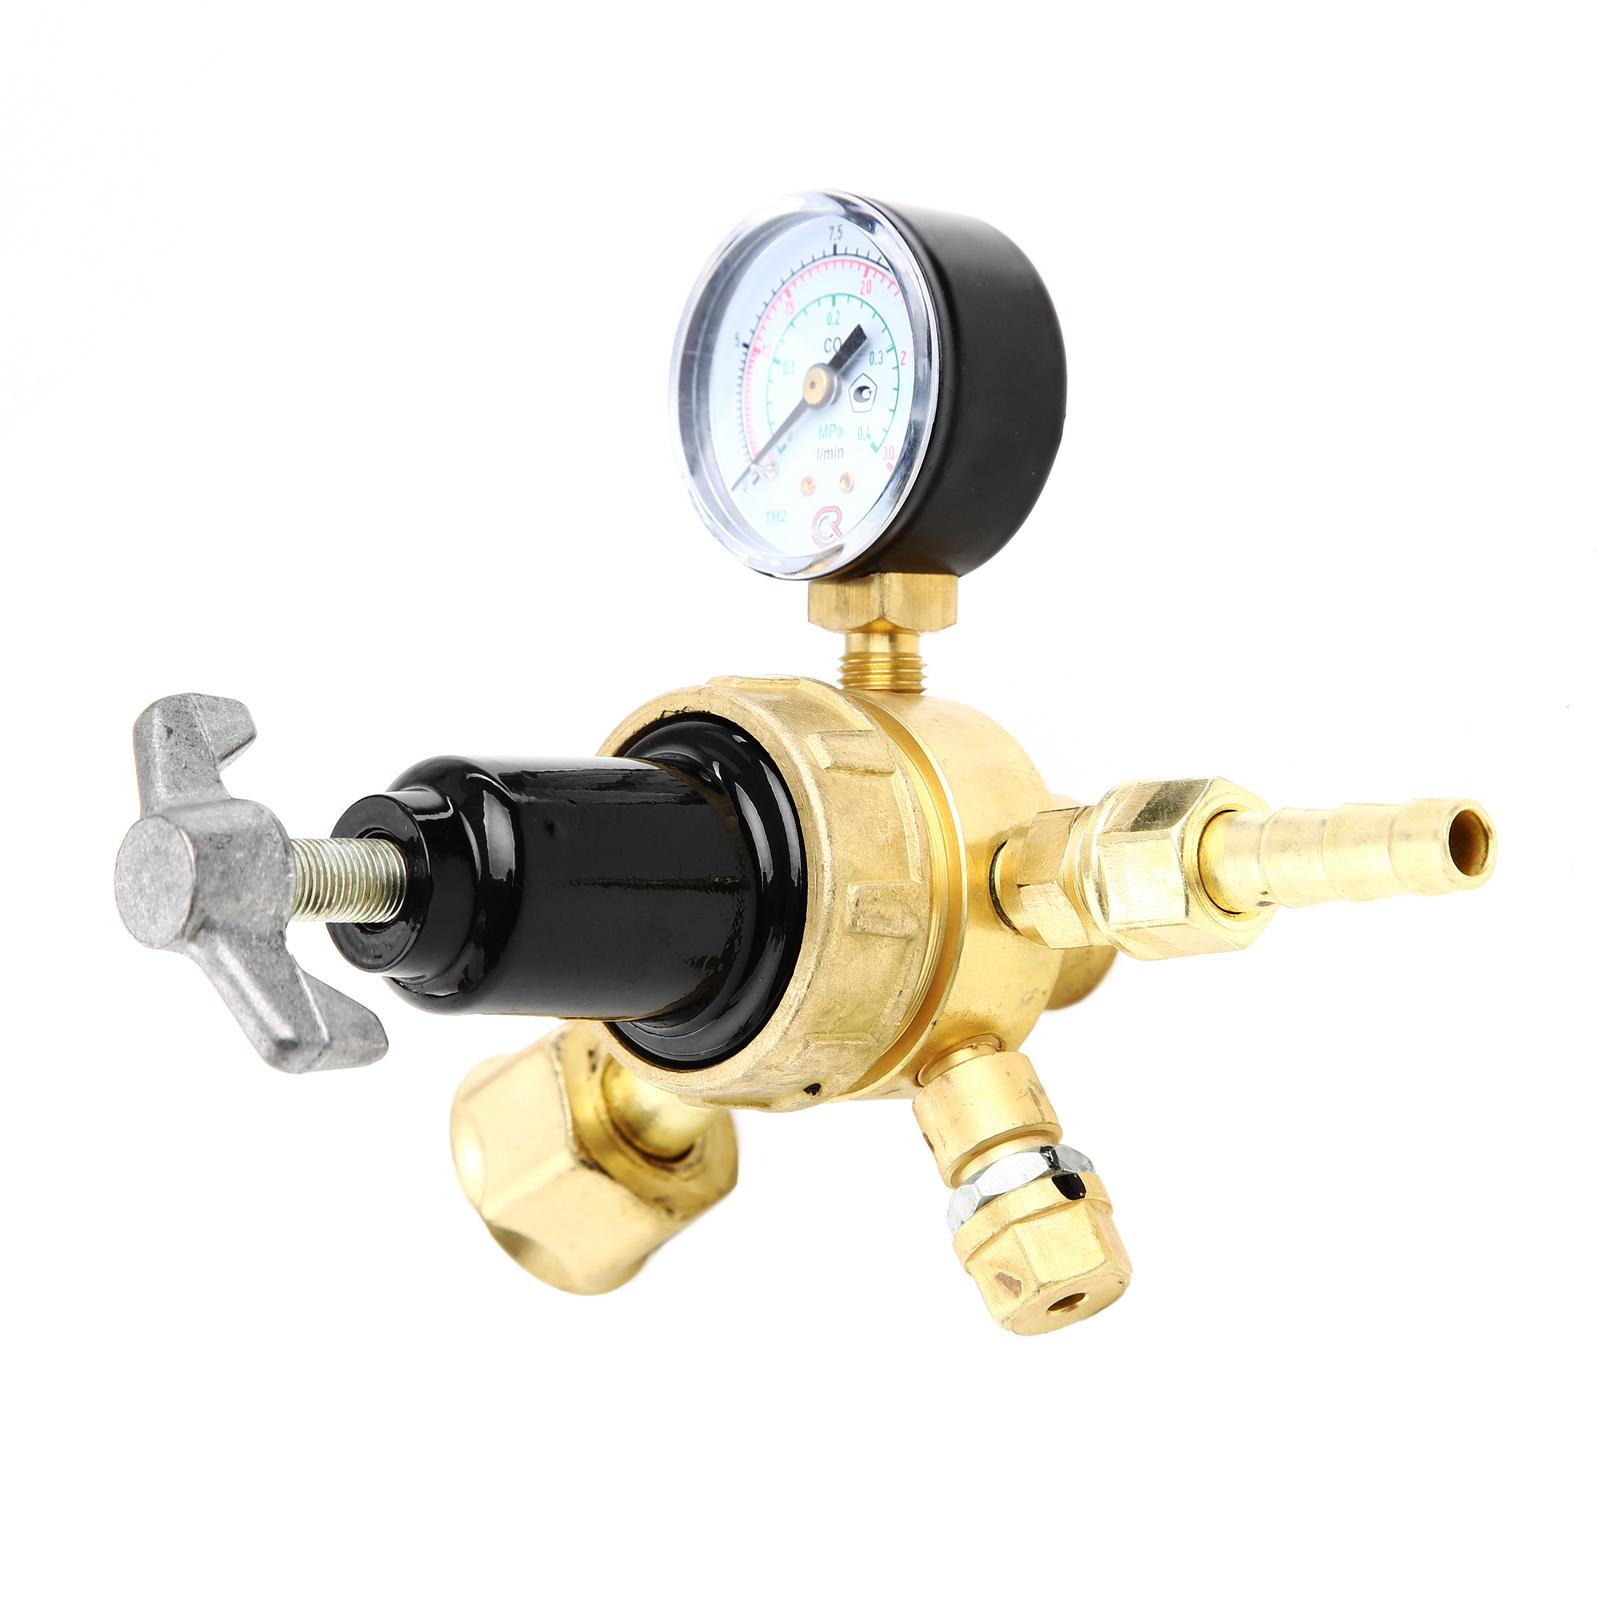 Регулятор БАМЗ У-30-2МГ регулятор давления топлива спорт ауди 100 2 3 е